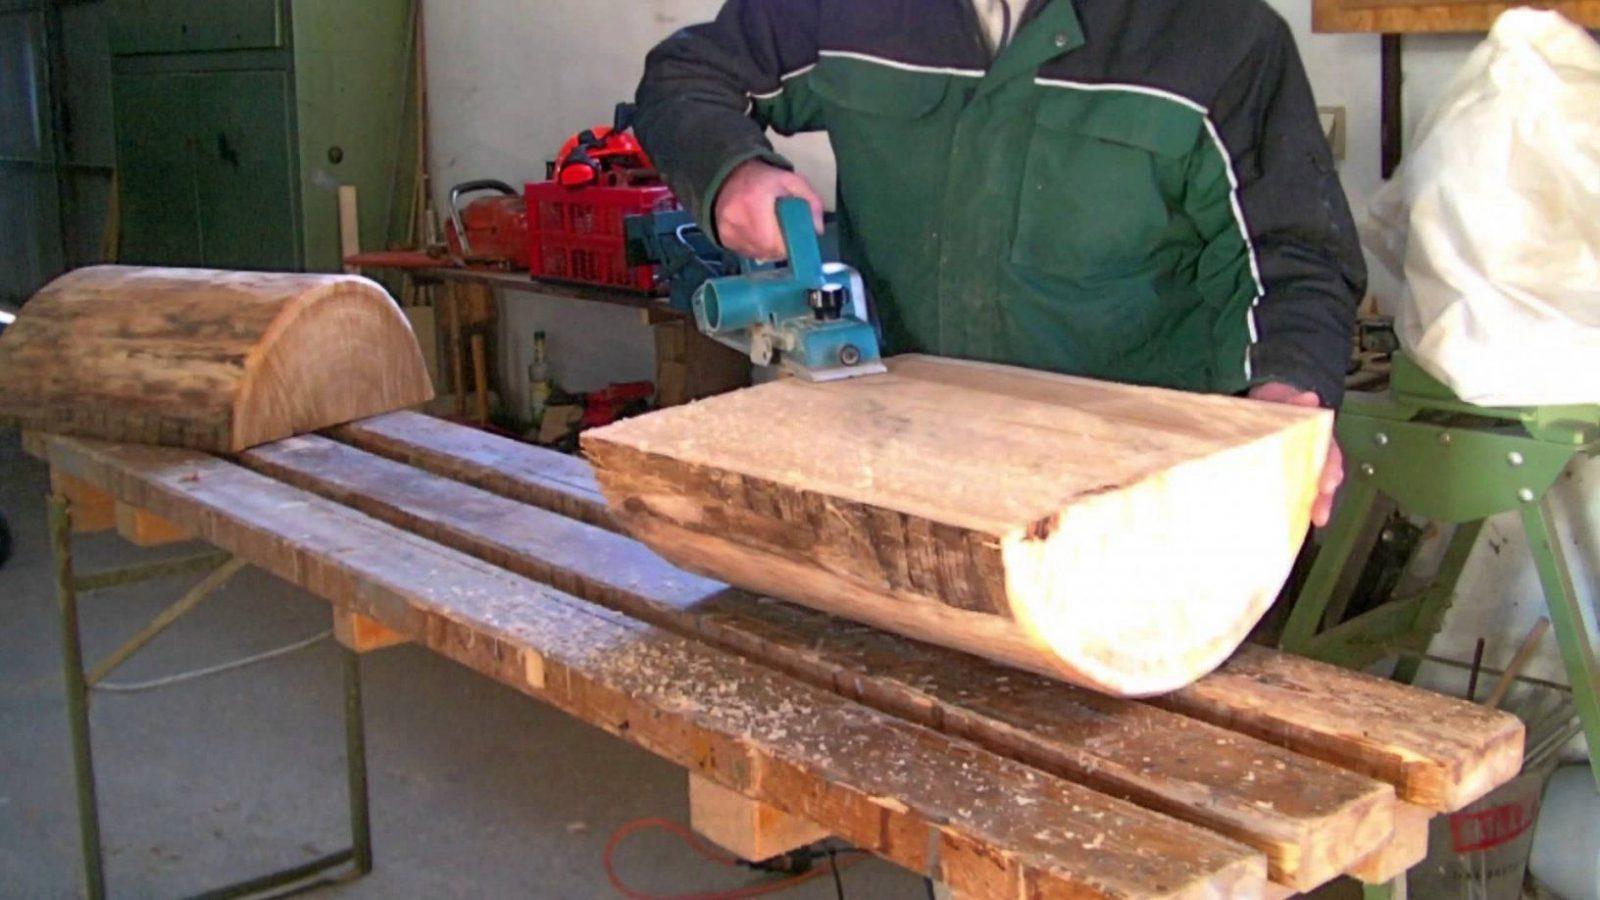 Herstellung Von Massiven Gartenbänken  Youtube von Rustikale Holzbank Selber Bauen Bild